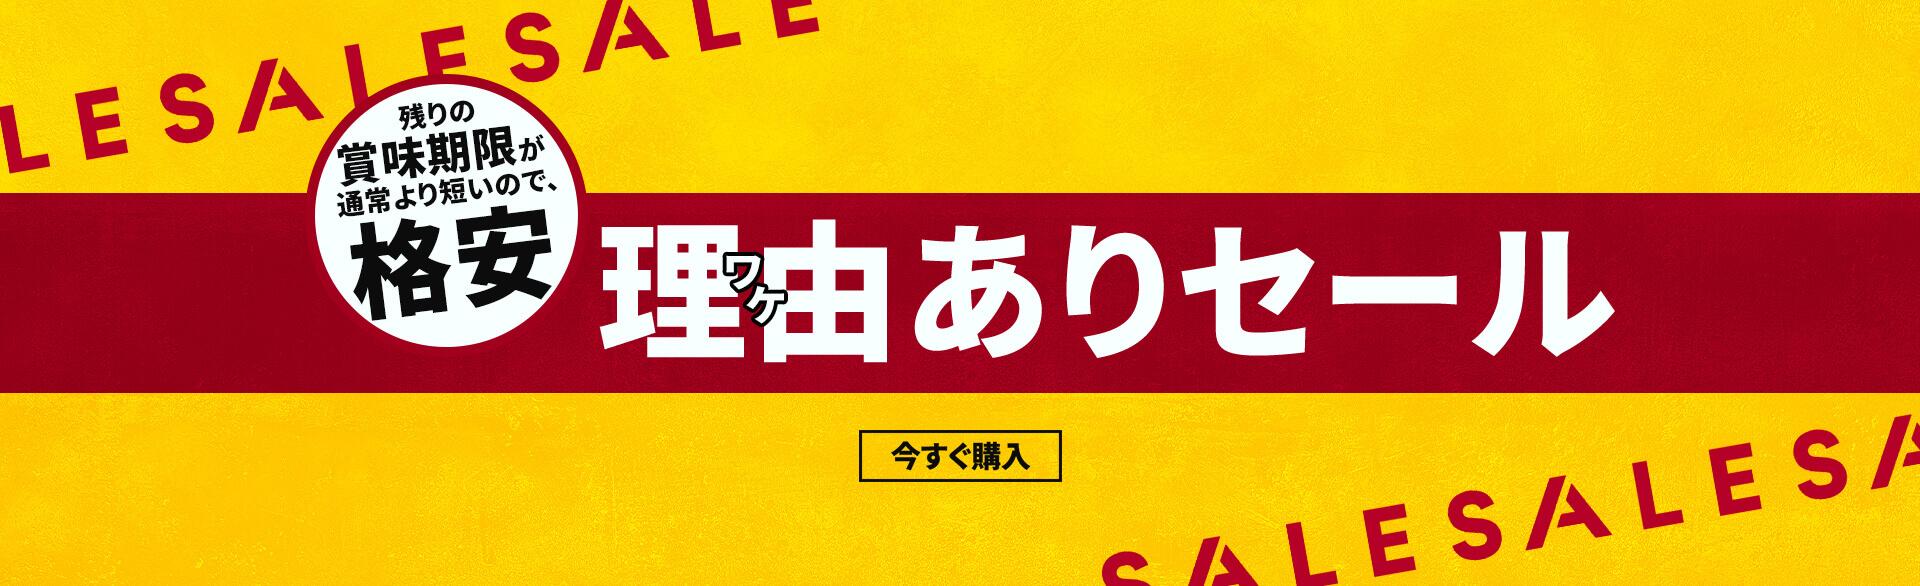 Yami Sale 2020